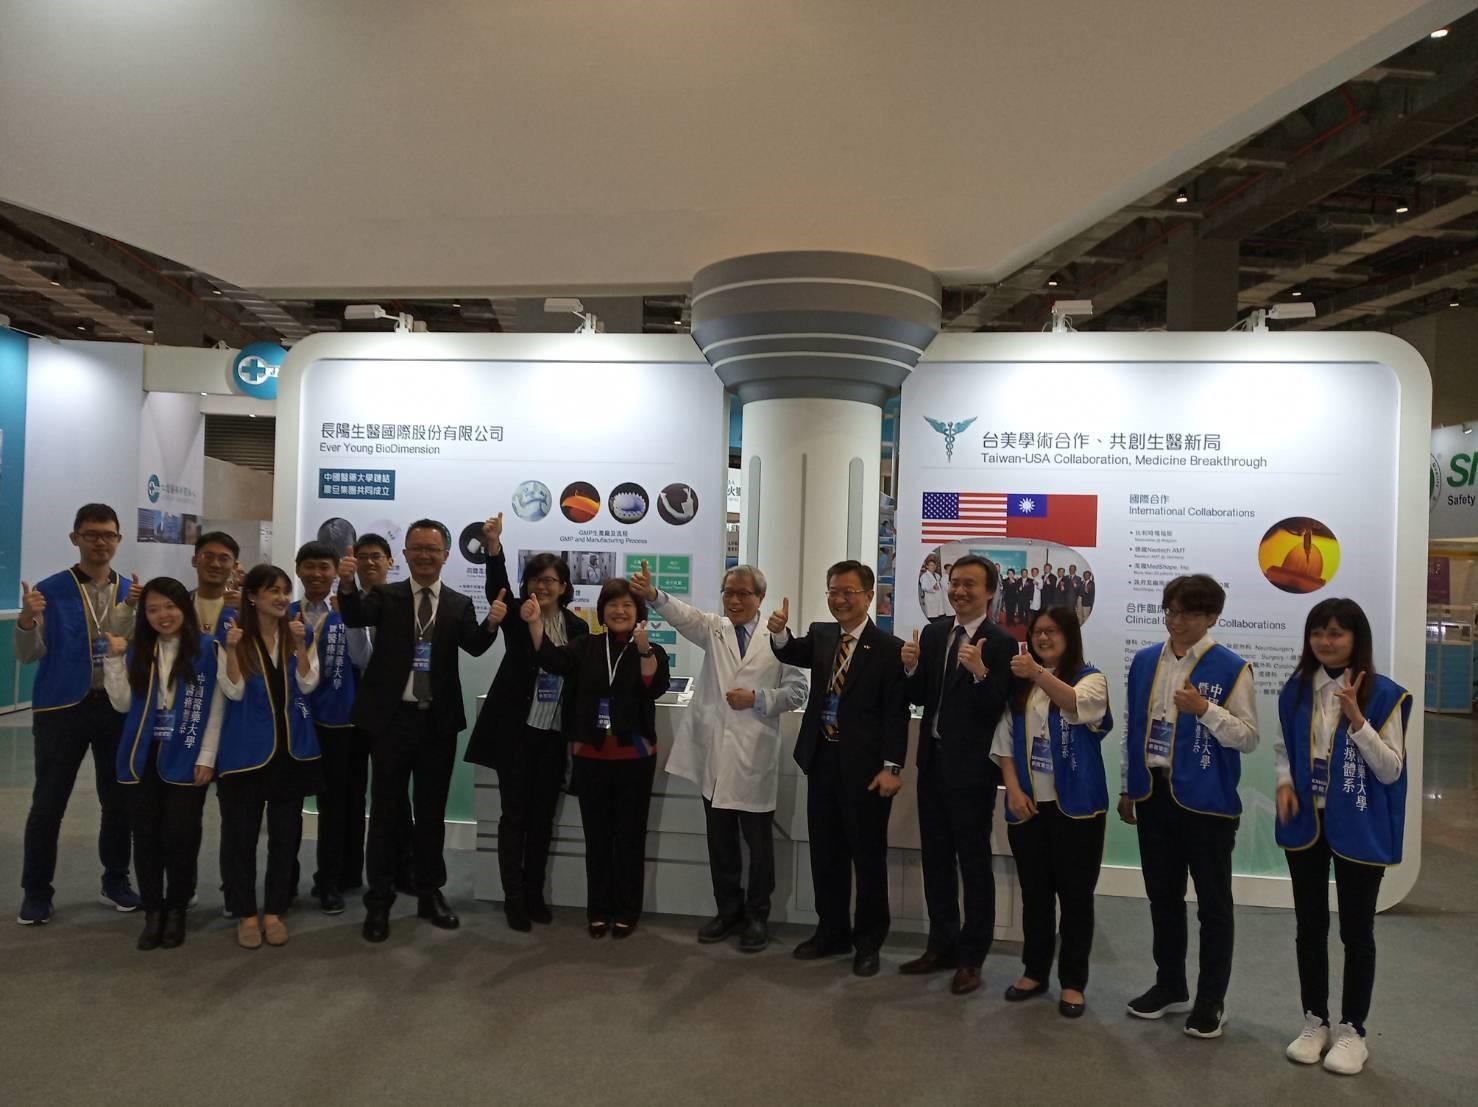 2019台灣醫療科技展 多維列印中心 參展人員合照